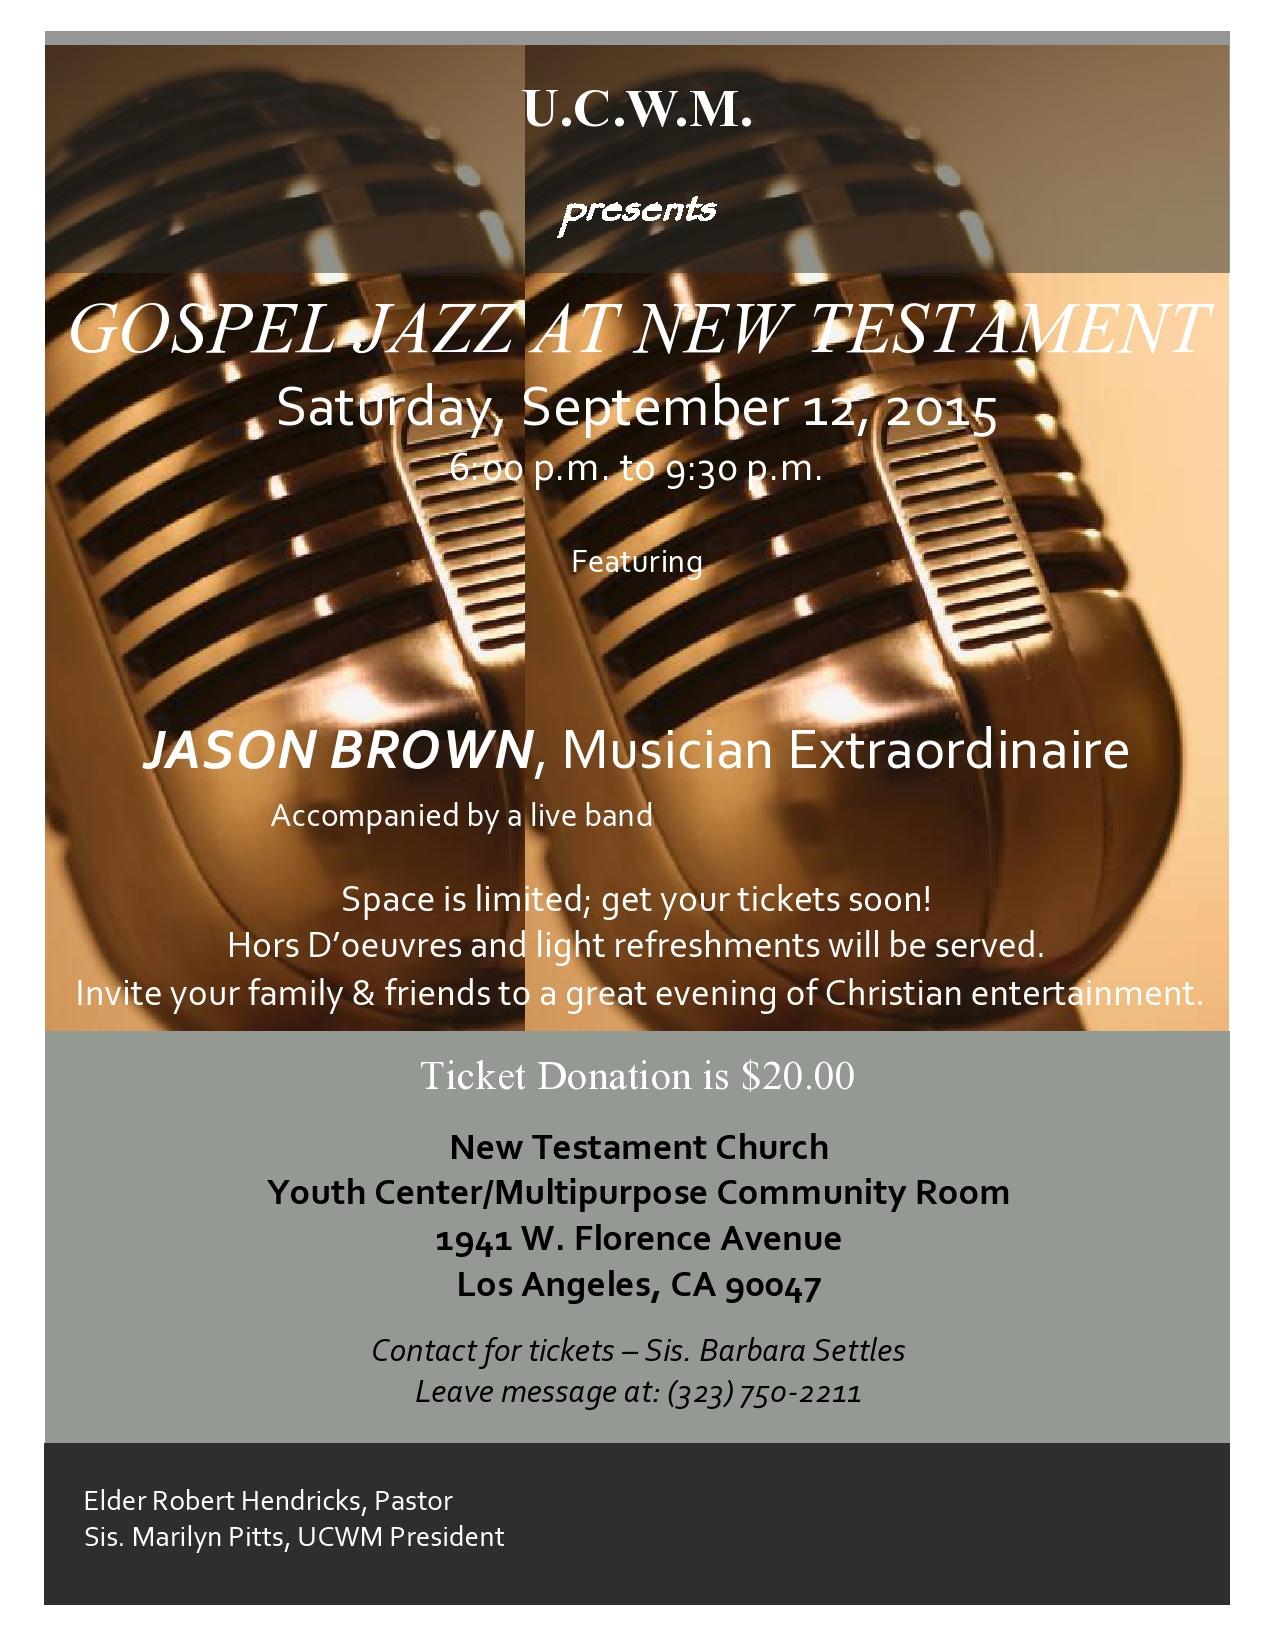 09 12 15 UCWM Jazz Concert